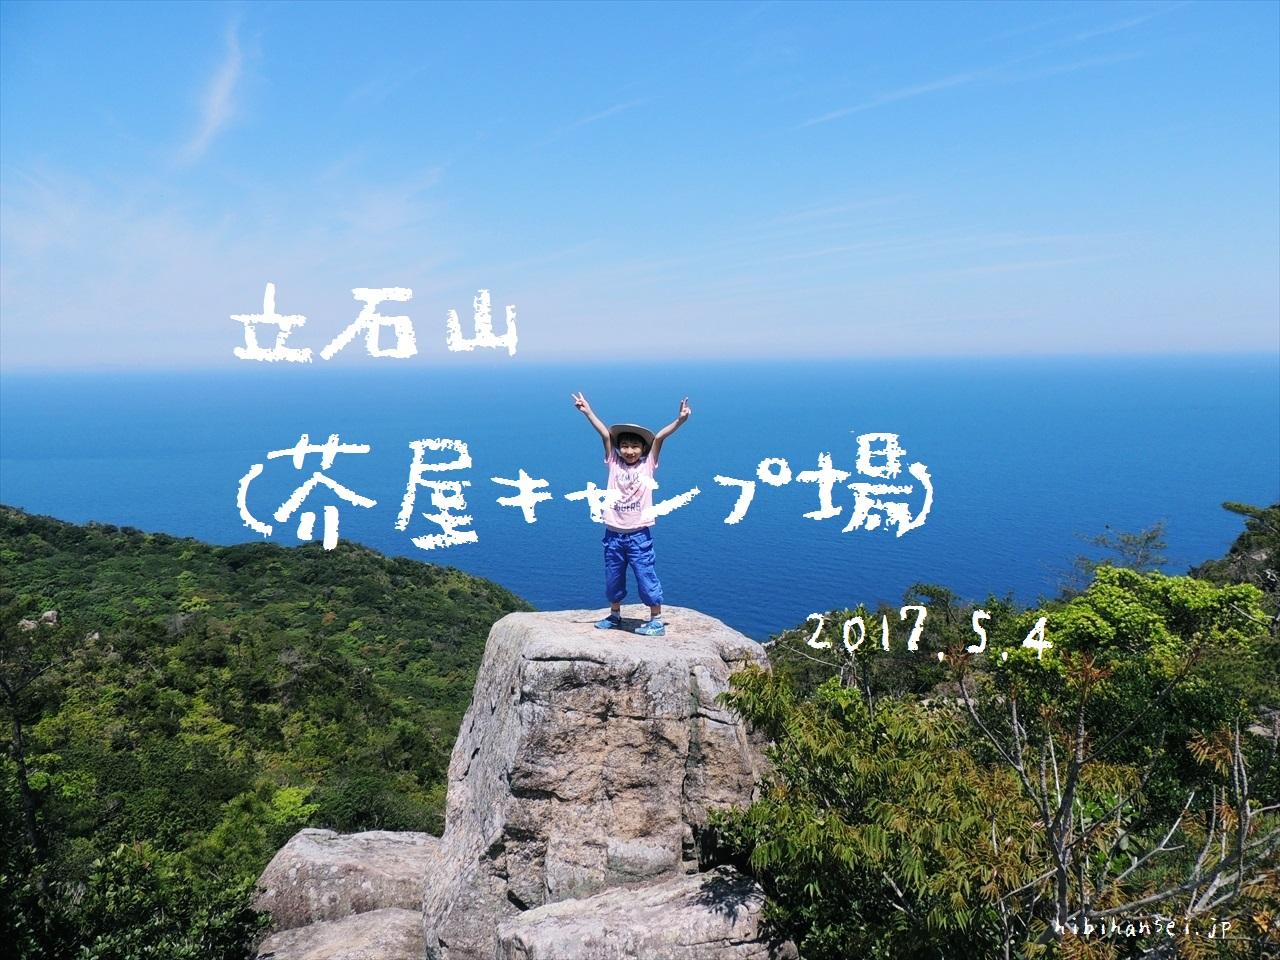 立石山 登山(芥屋) 涼風吹く海岸線と糸島の岩峰(2017.5.4)